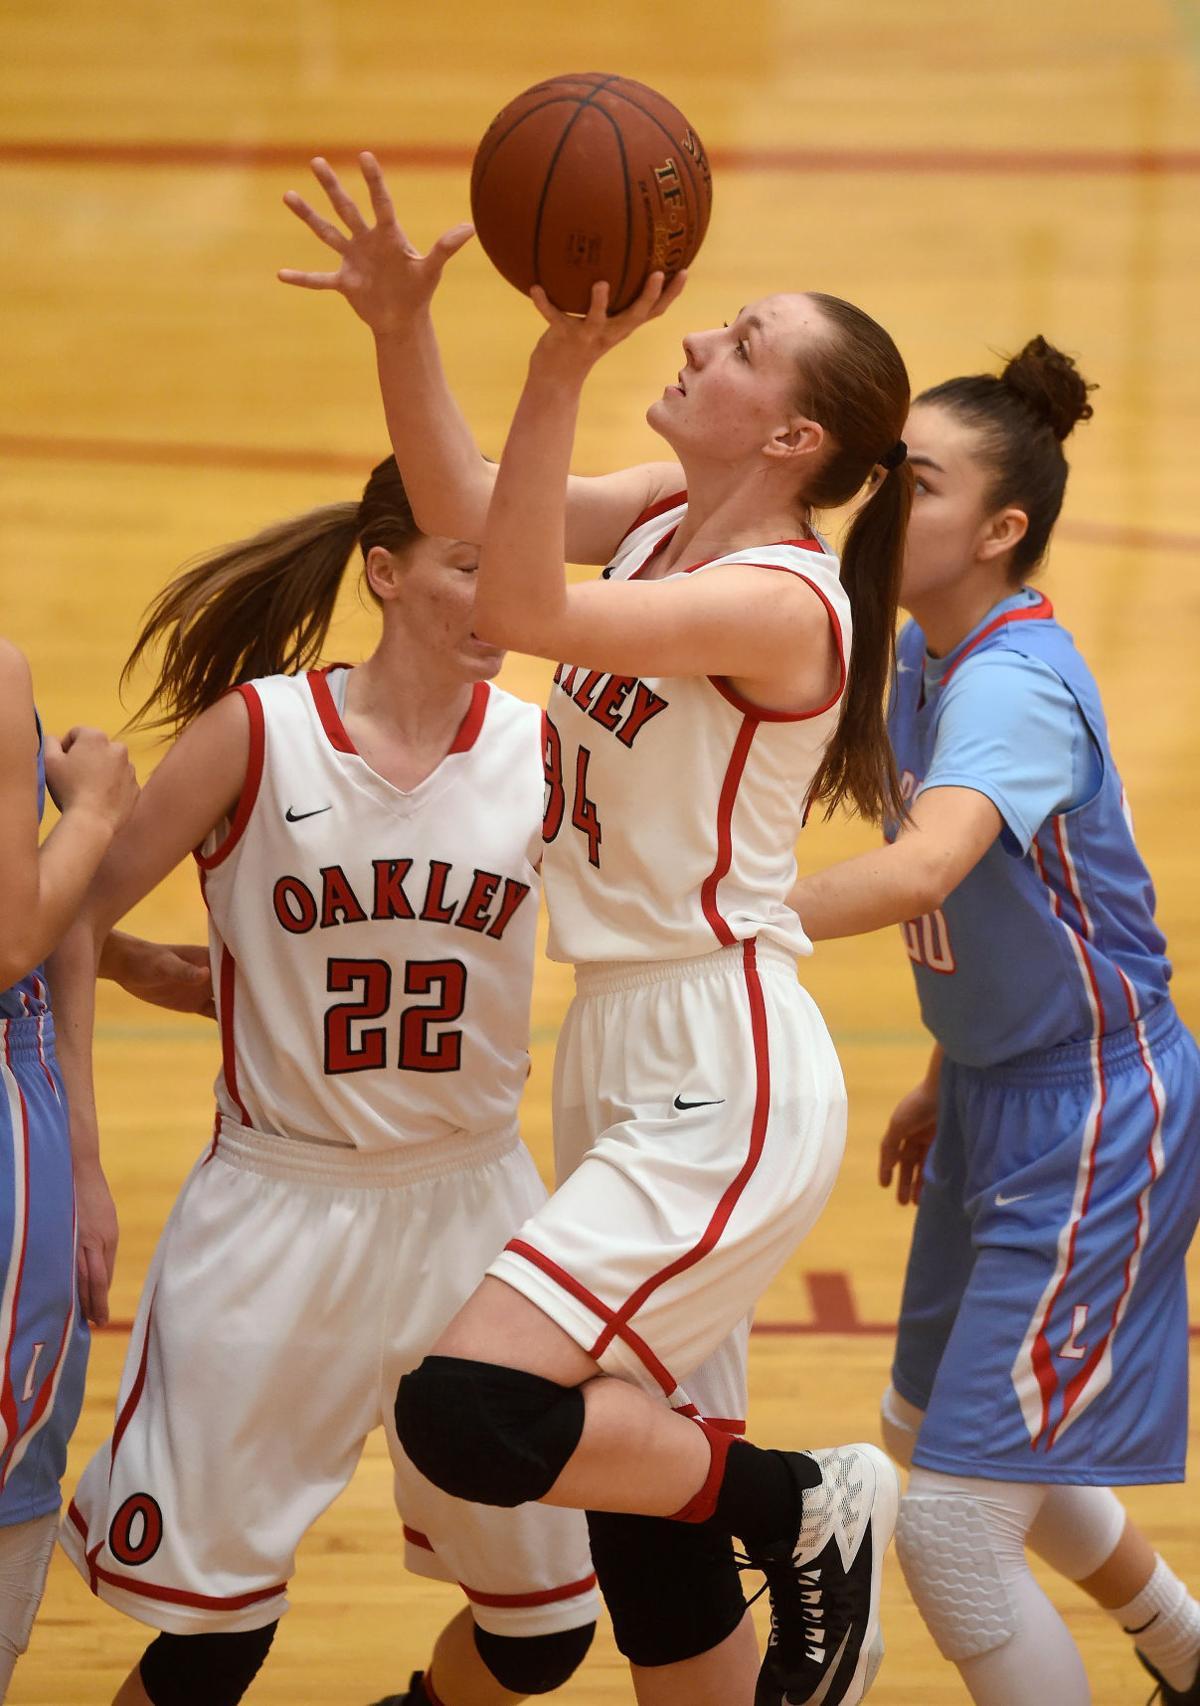 State Championship Basketball - Oakley Vs. Lapwai